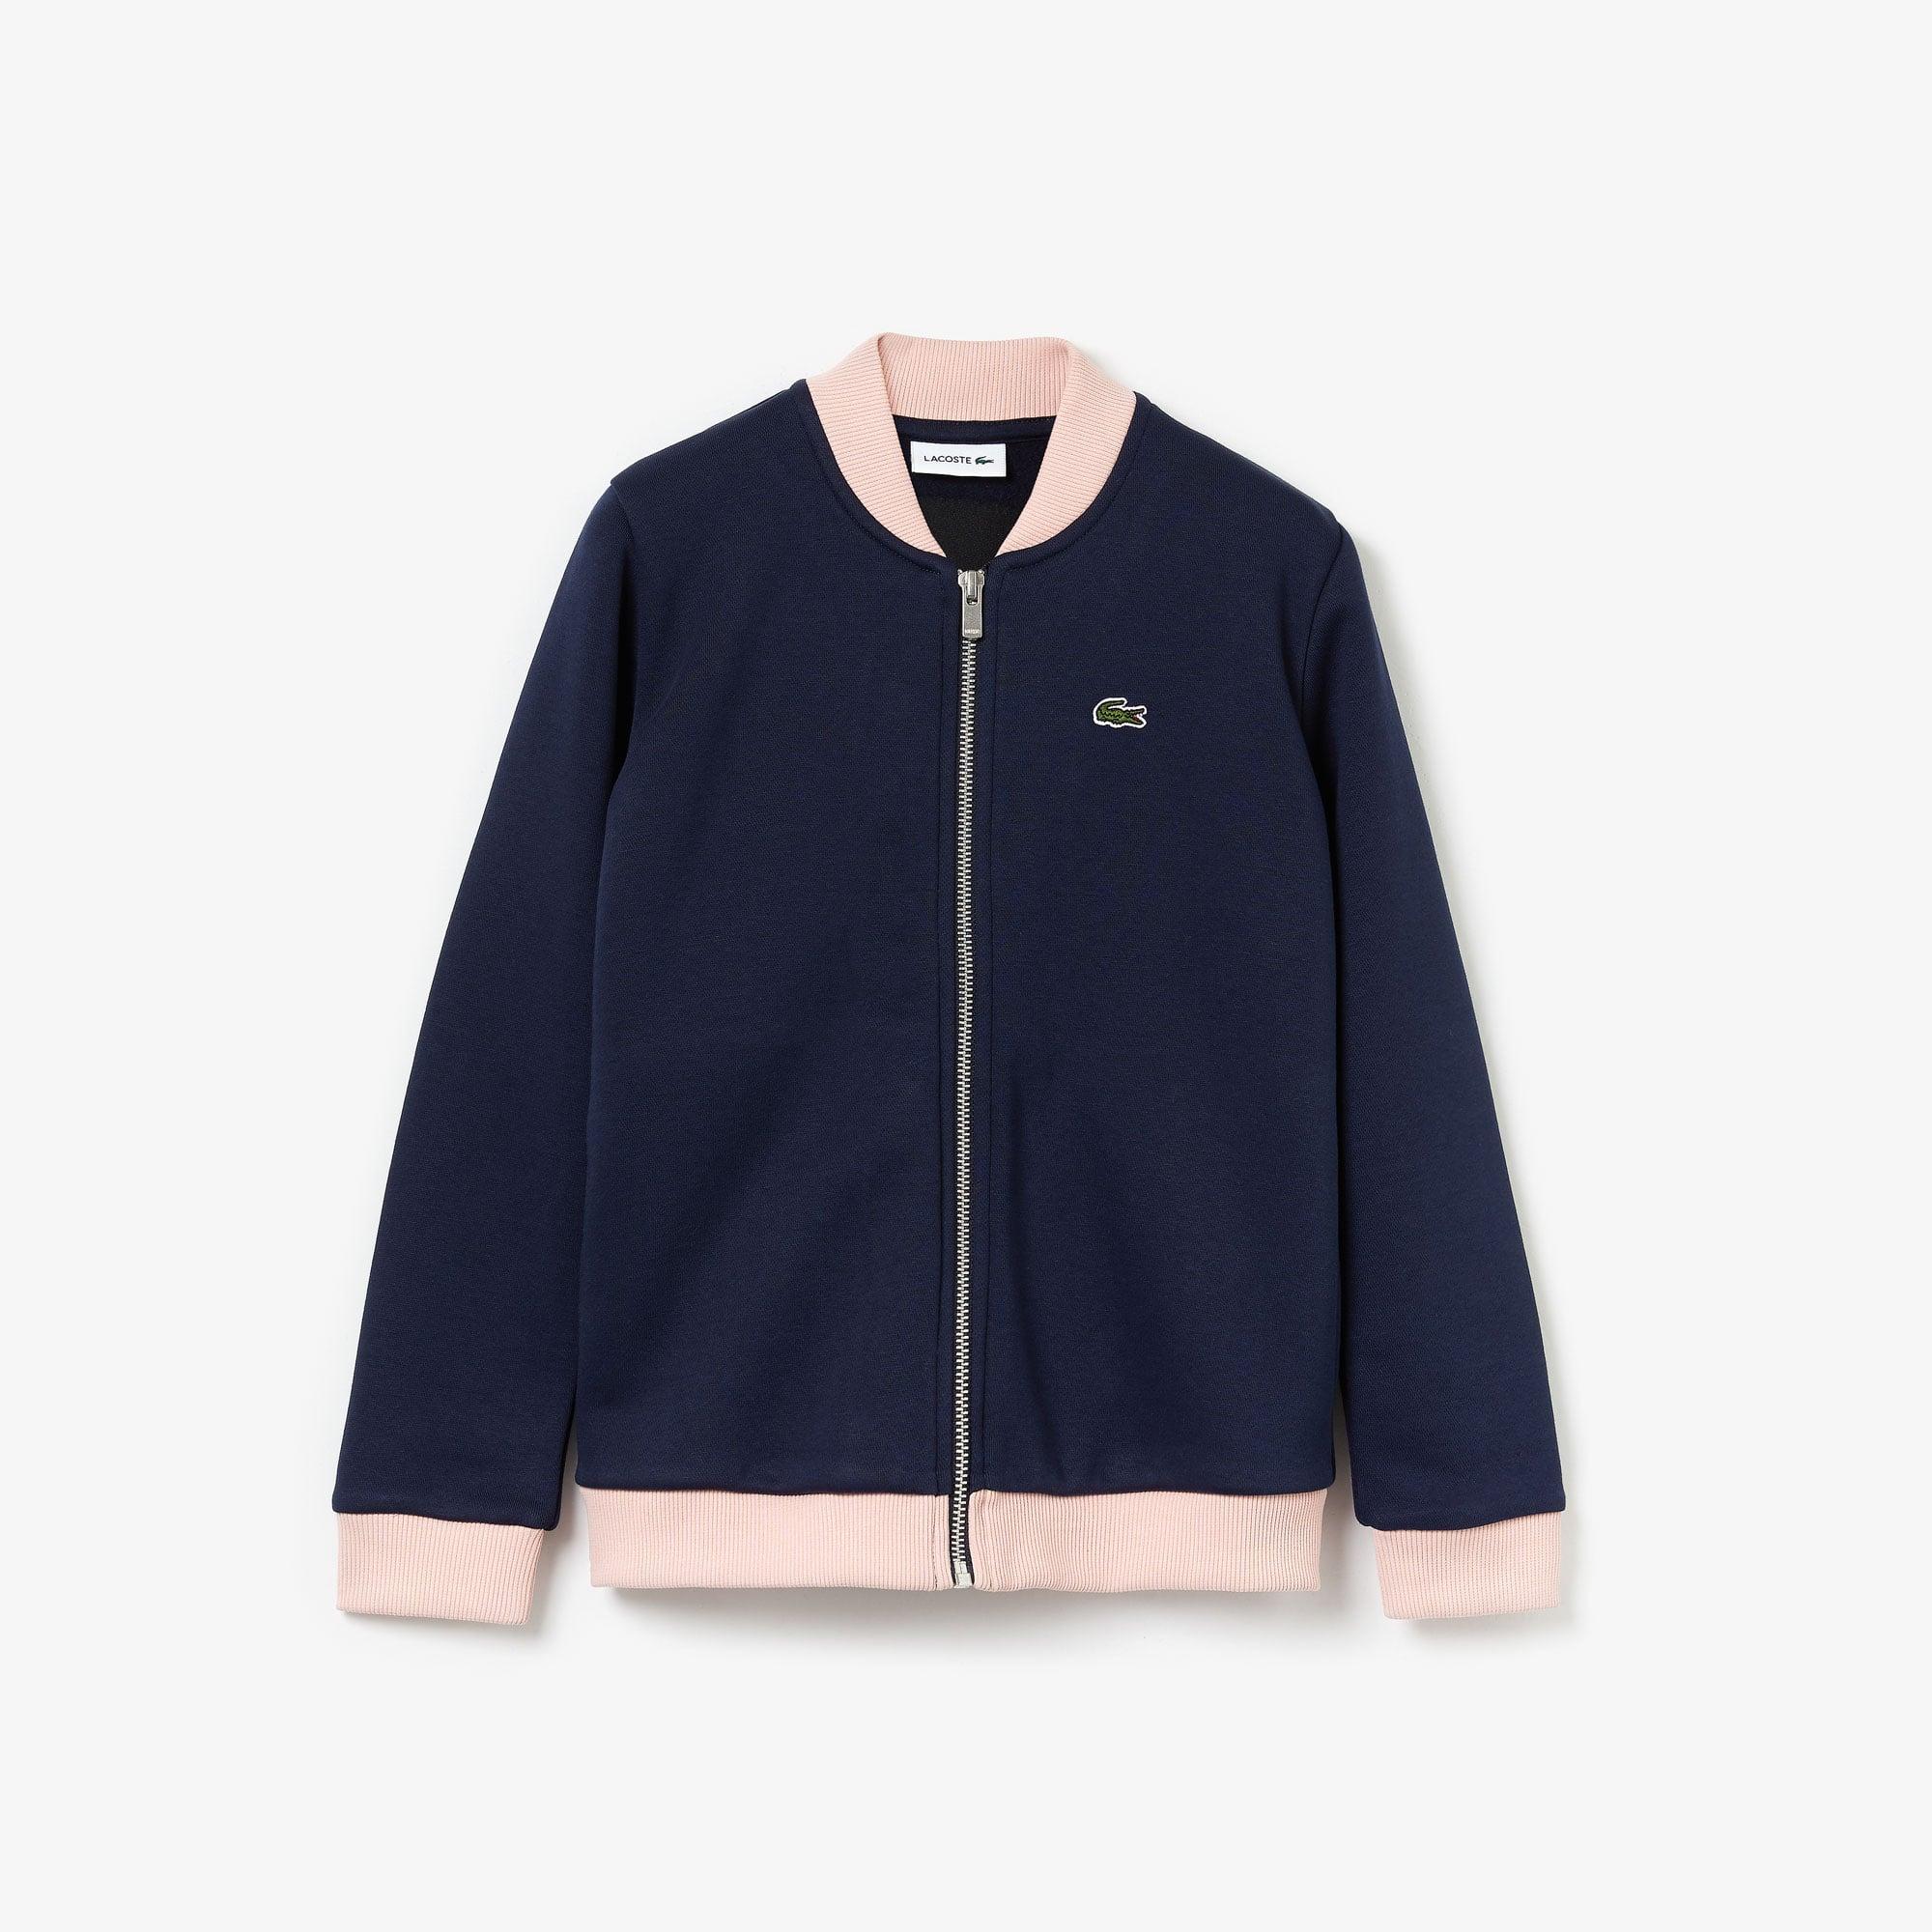 라코스테 Lacoste Girls' Oversize Croc and Heart Full-Zip Bomber Jacket,Navy Blue / Light Pink / Red • KNC